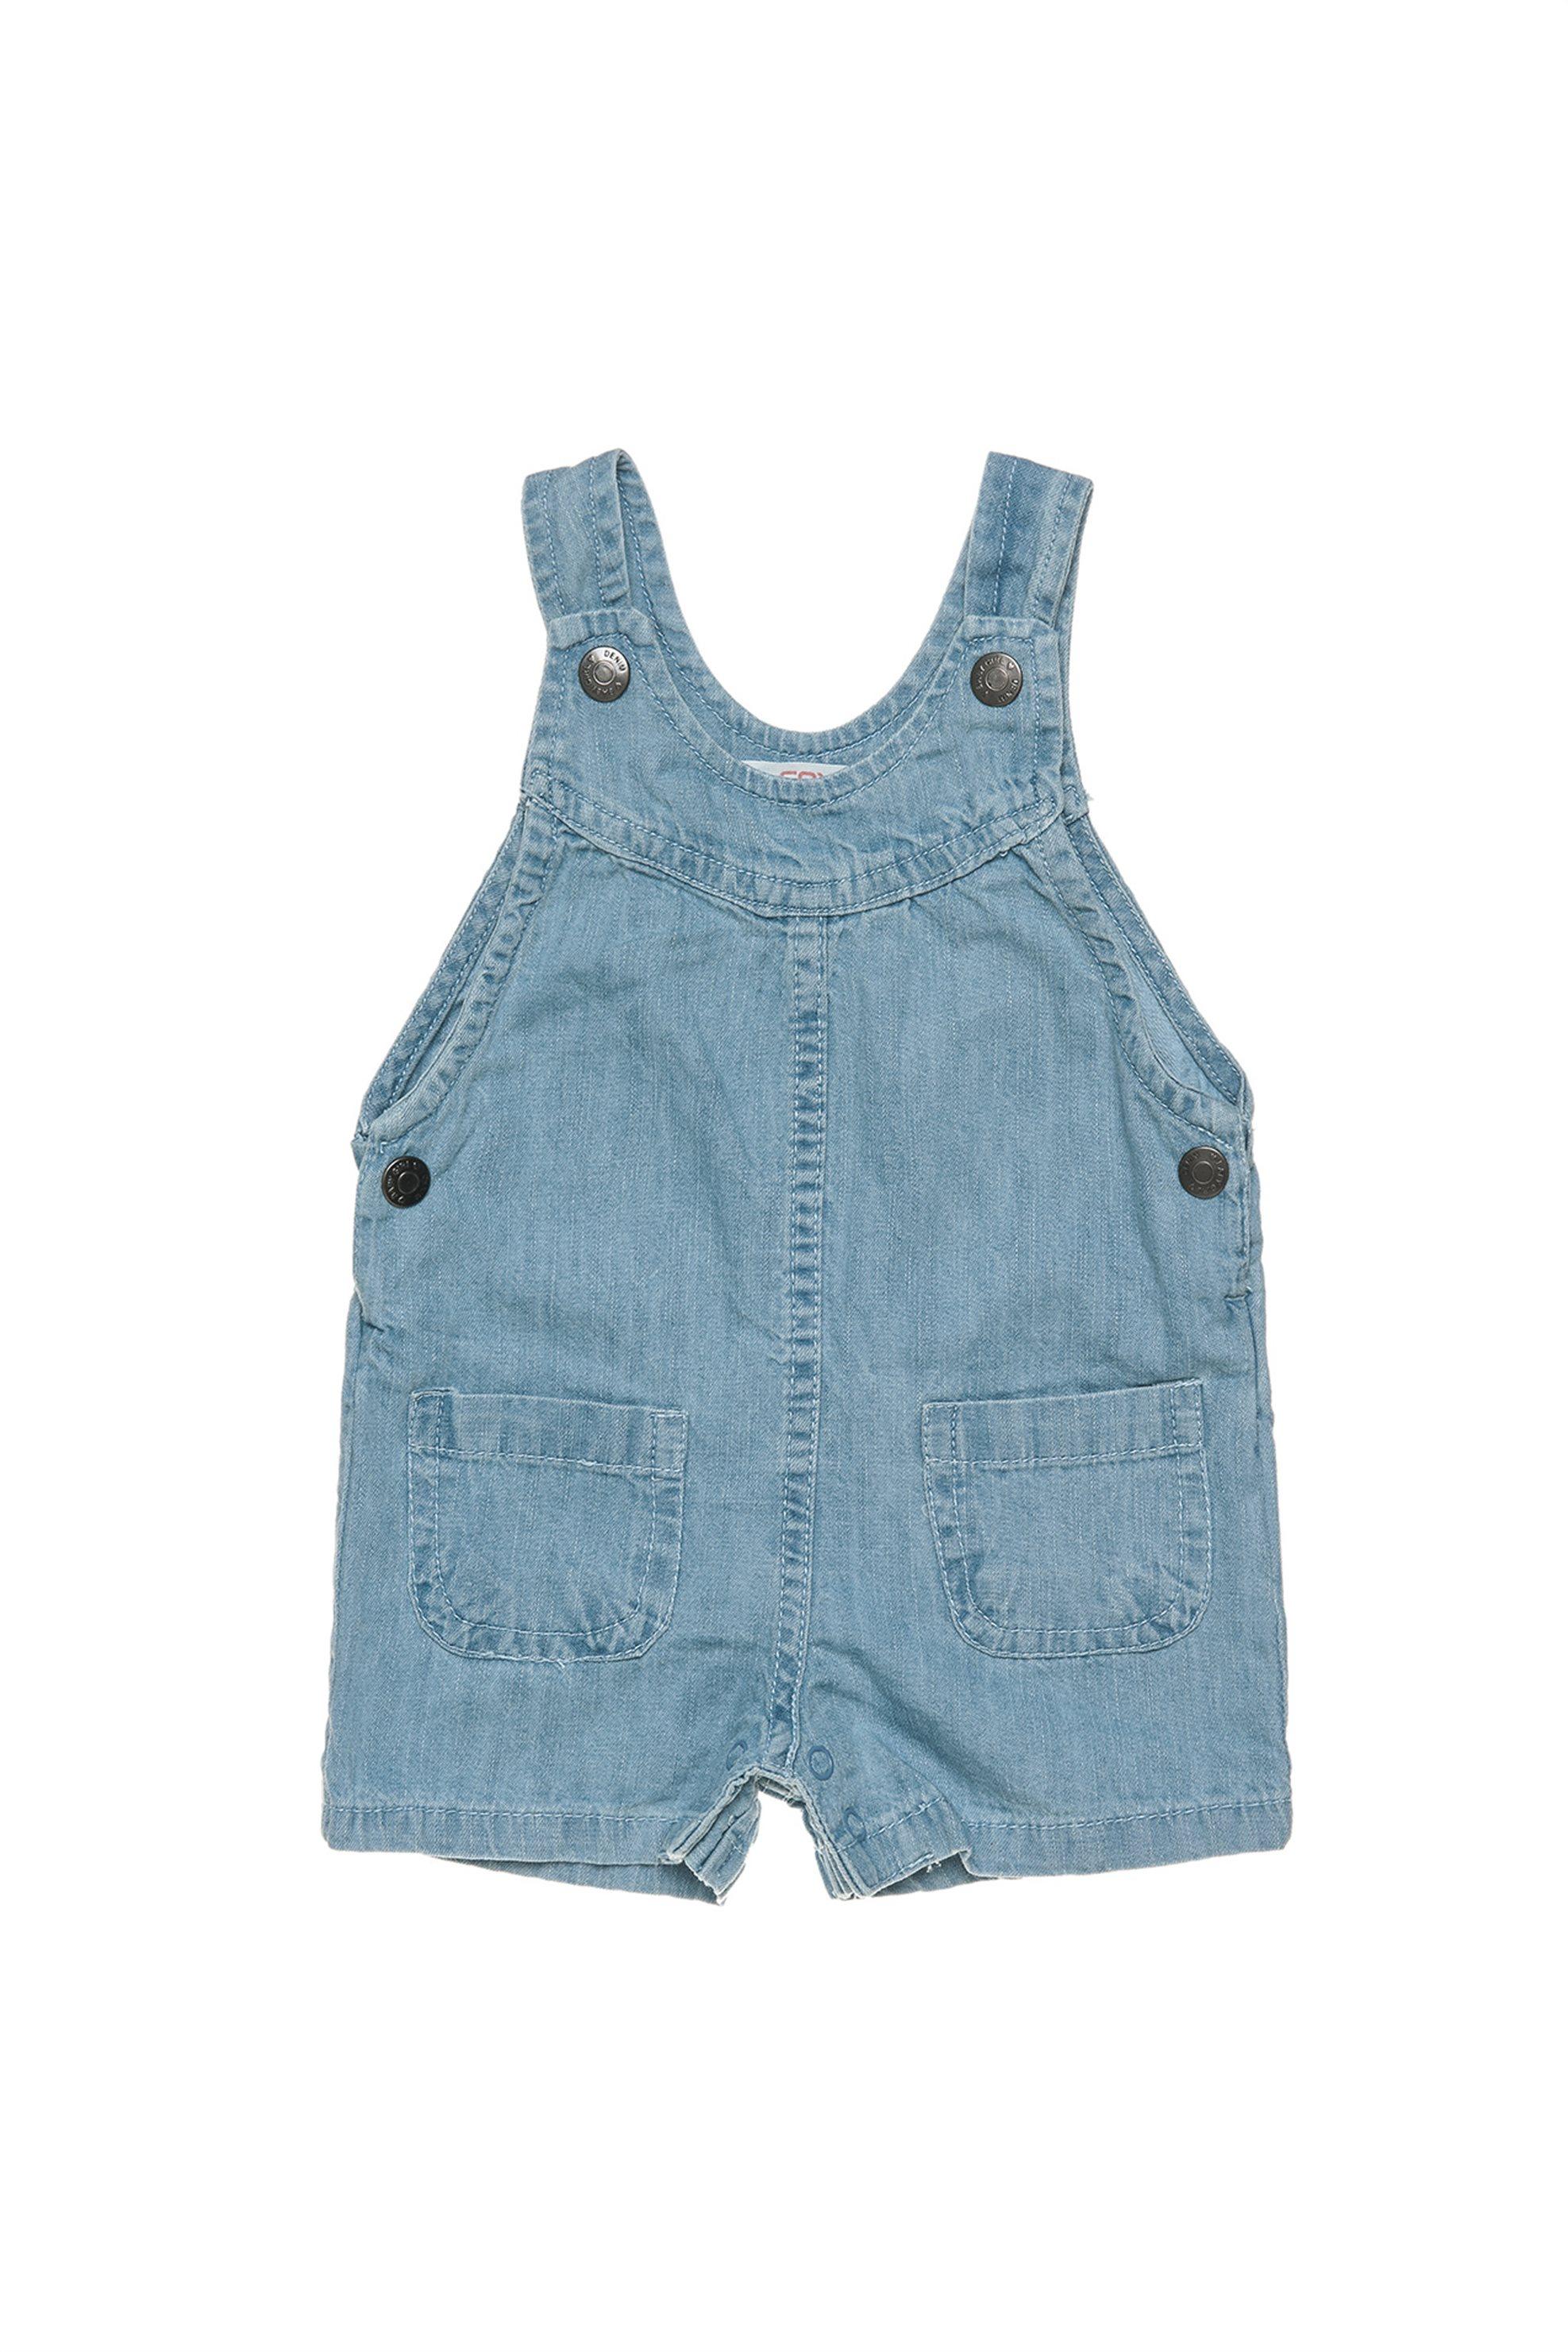 Βρεφική σαλοπέτα τζην (9 μηνών - 3 ετών) Alouette - 00211831 - Μπλε παιδι   βρεφικα κοριτσι   0 3 ετων   ρούχα   σαλοπέτες